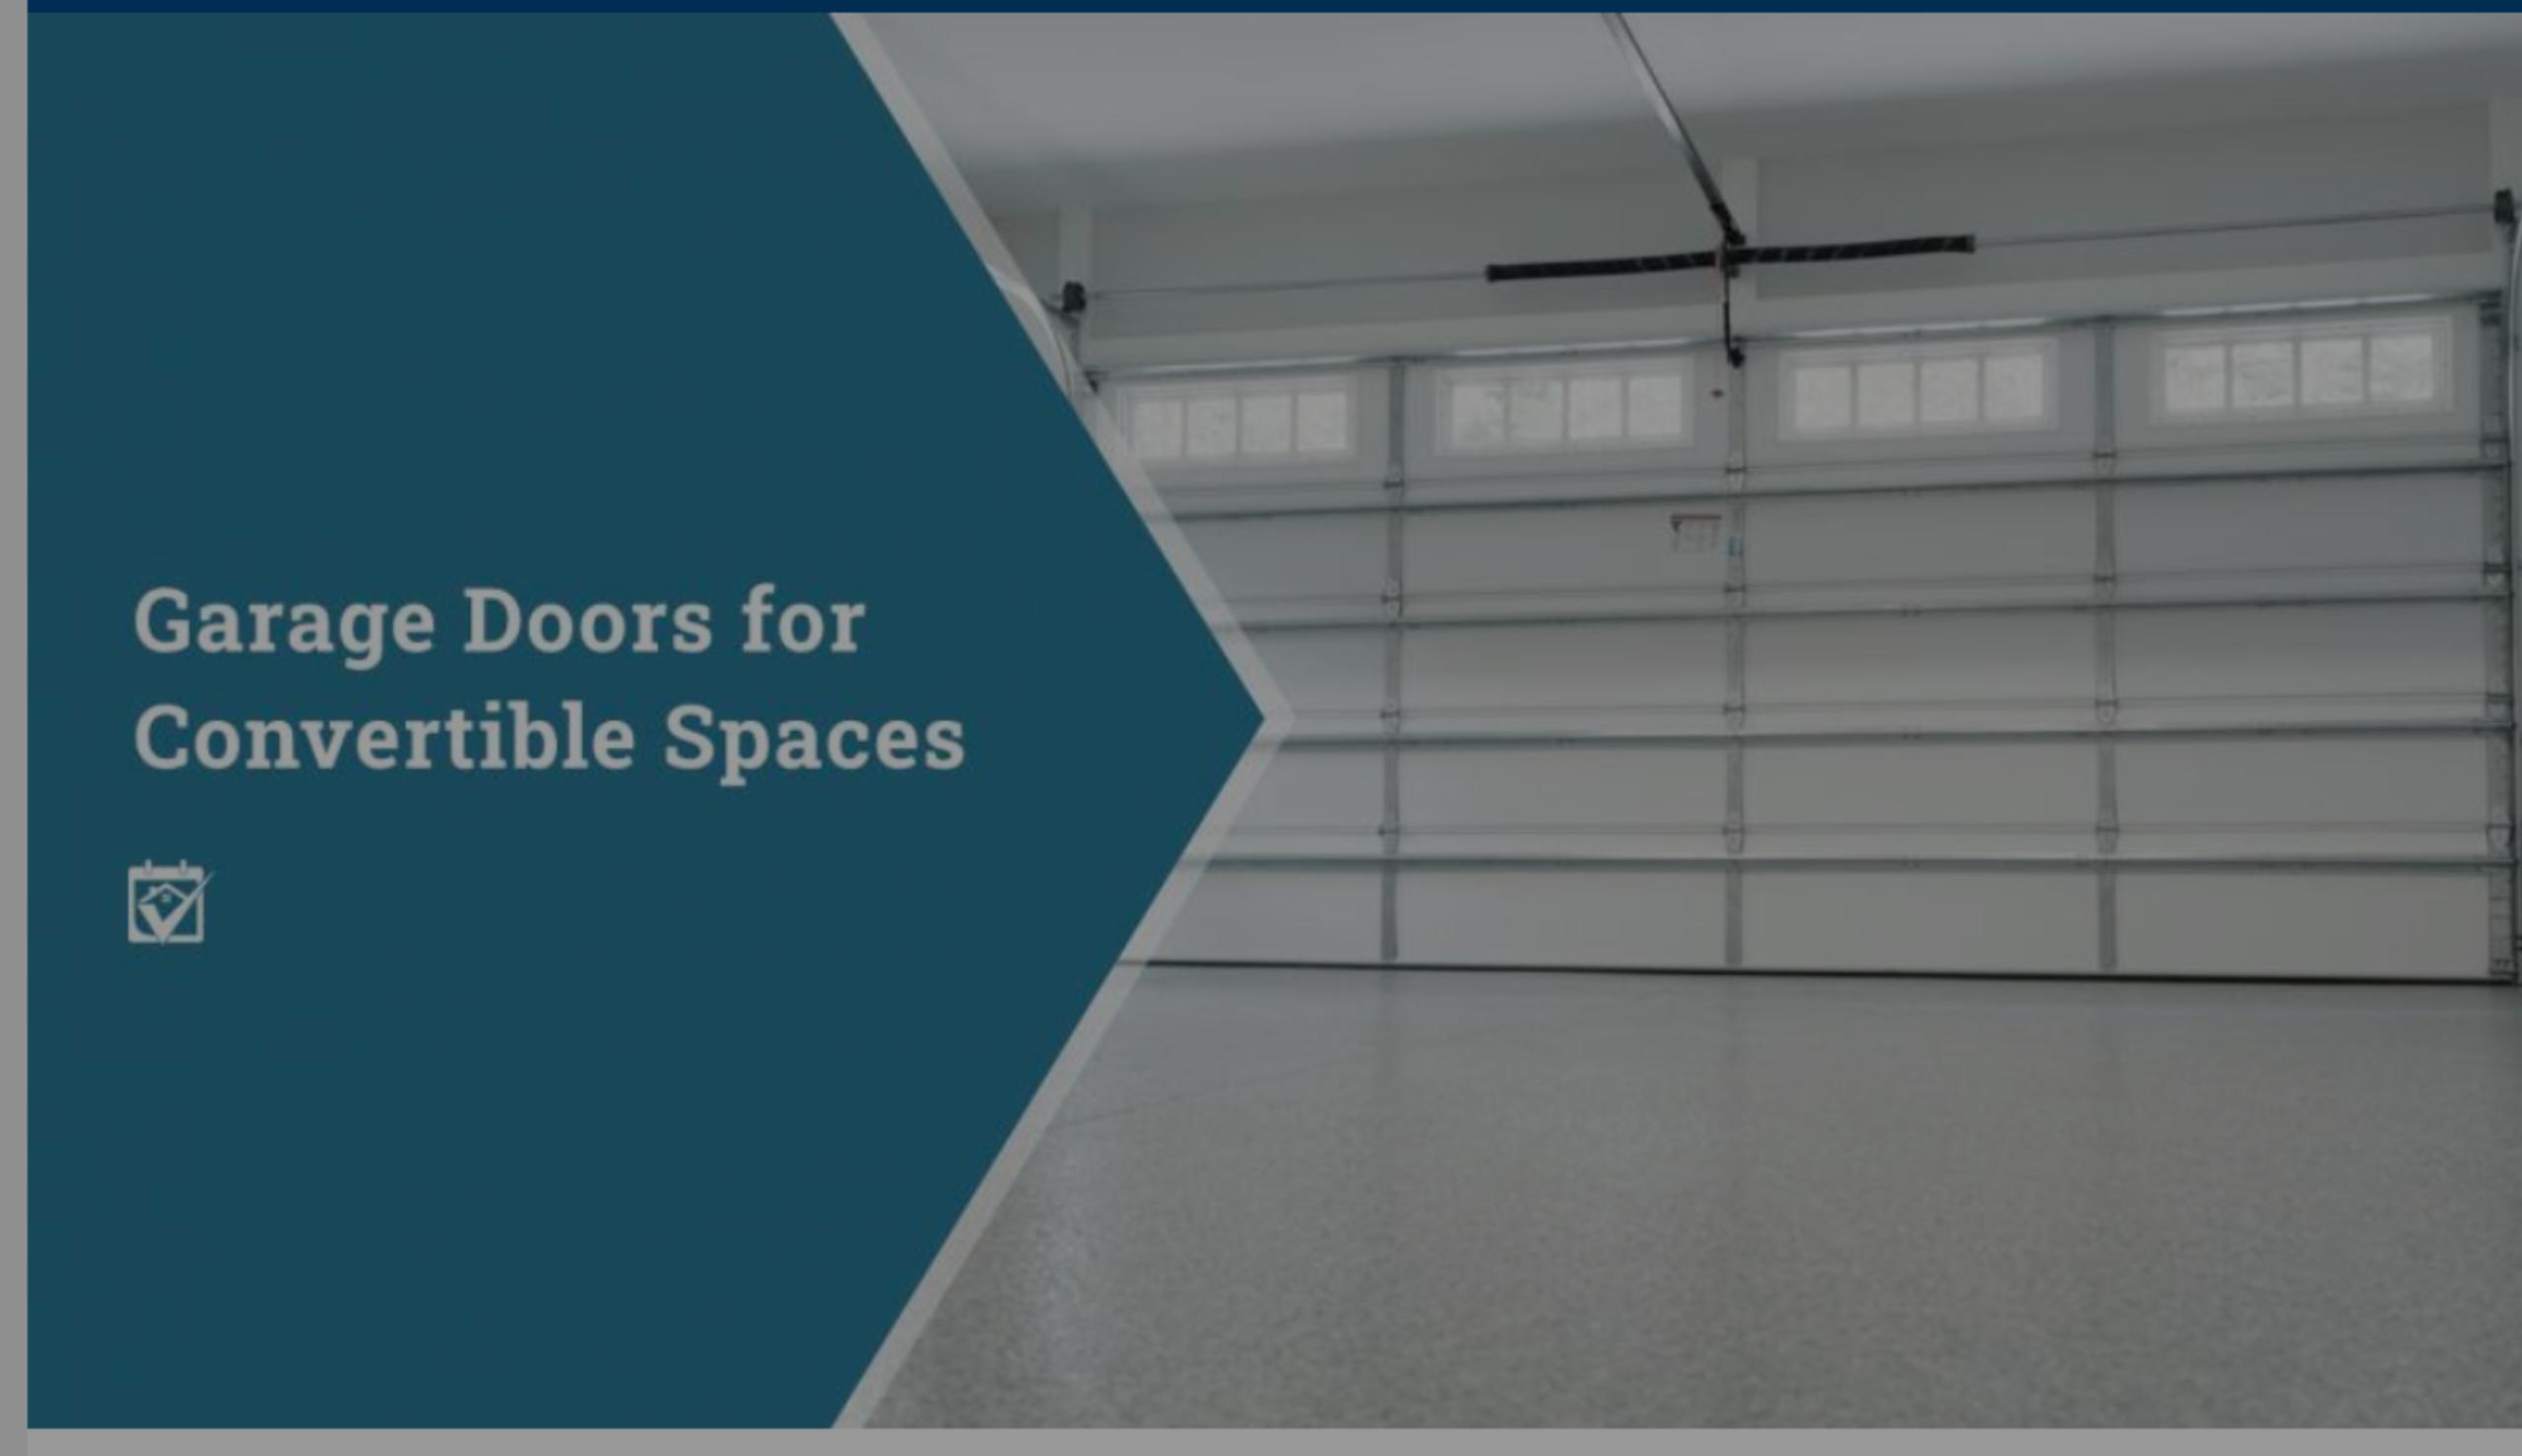 Garage Doors for Convertible Spaces